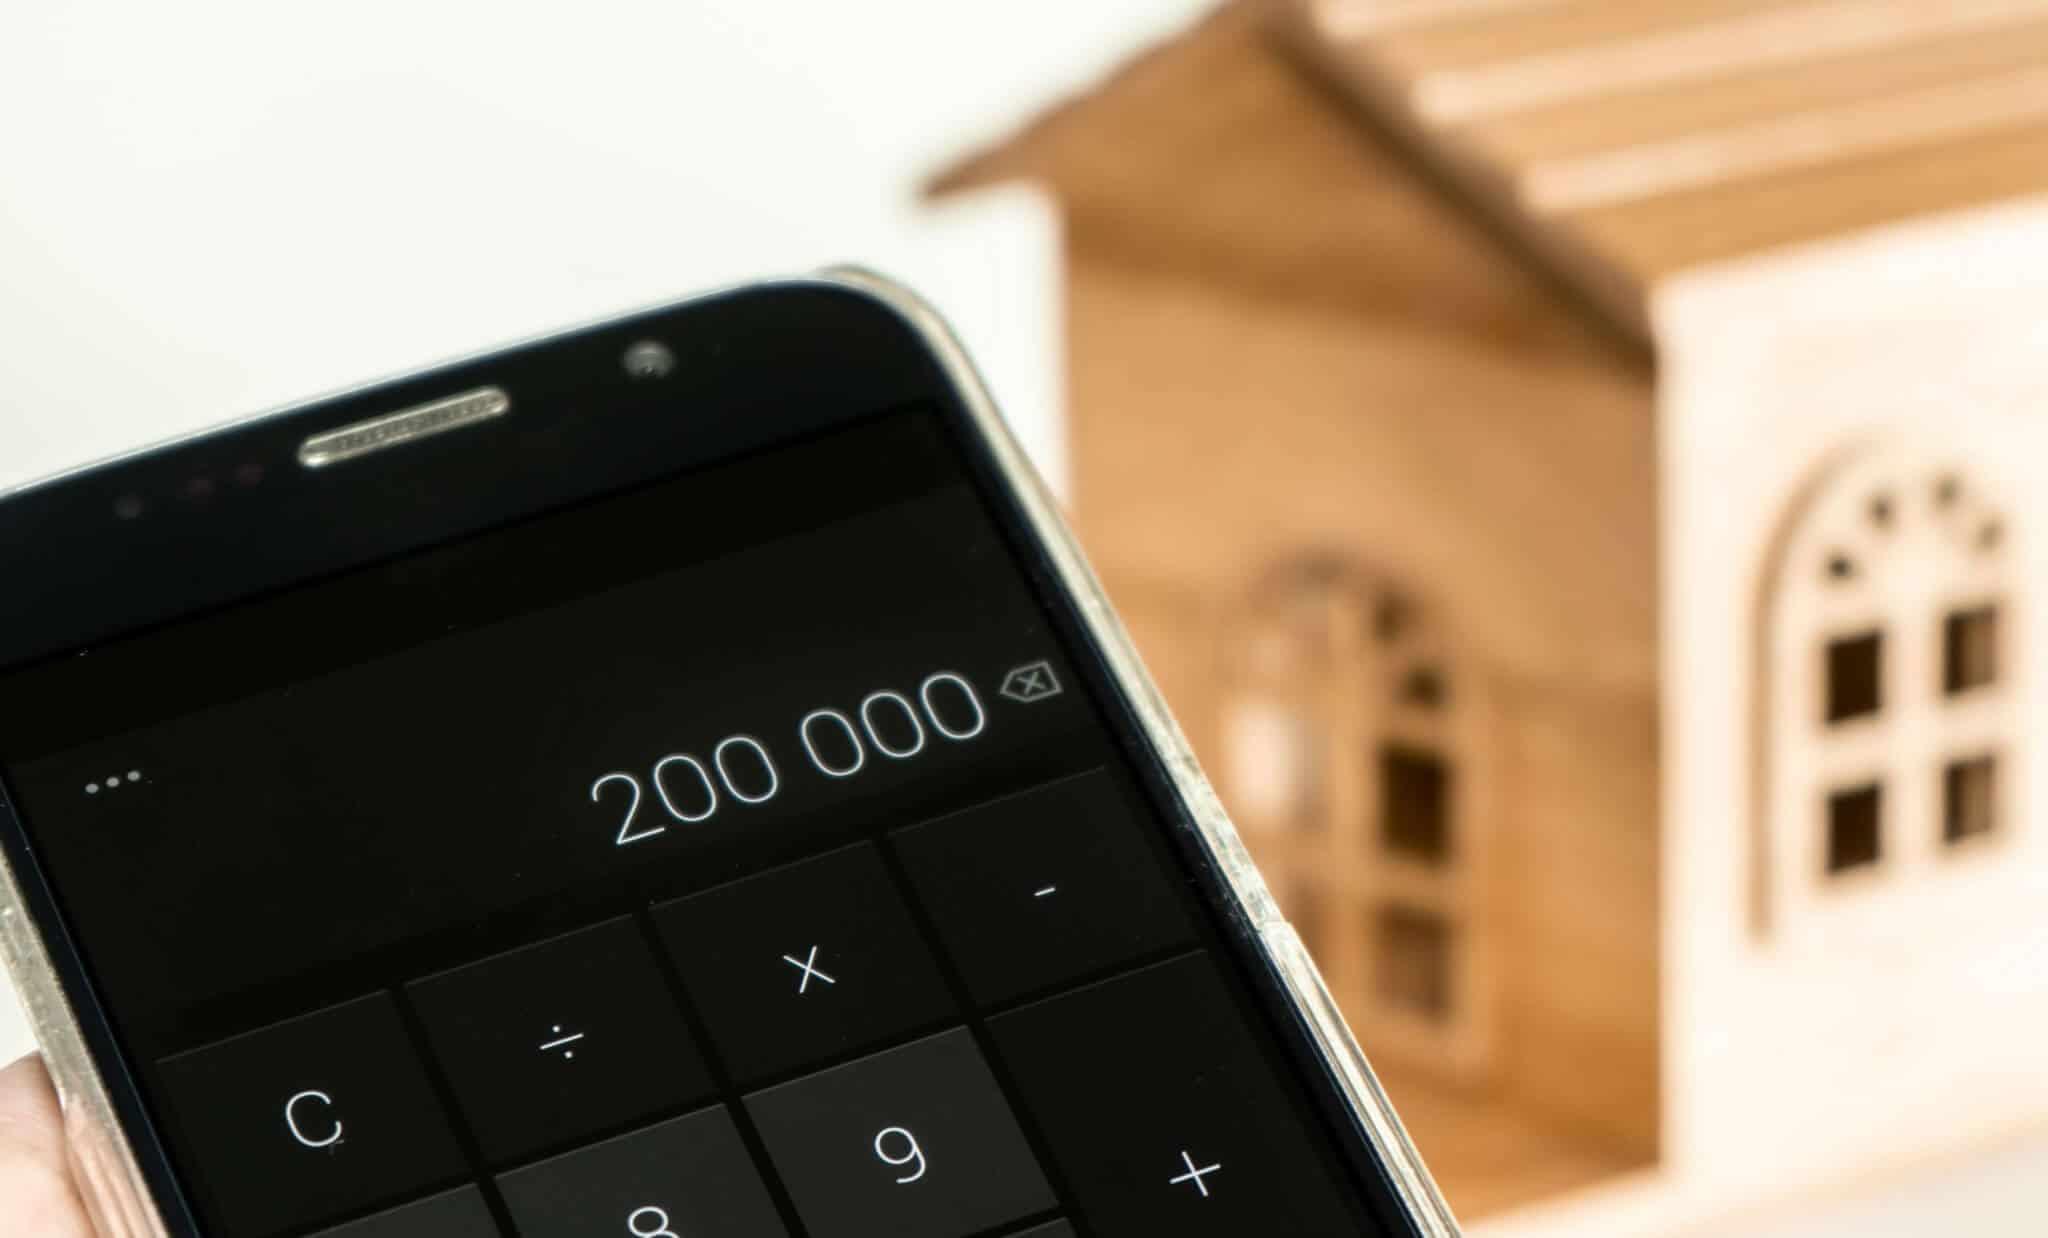 calculadora com o valor 200 mil euros no visor